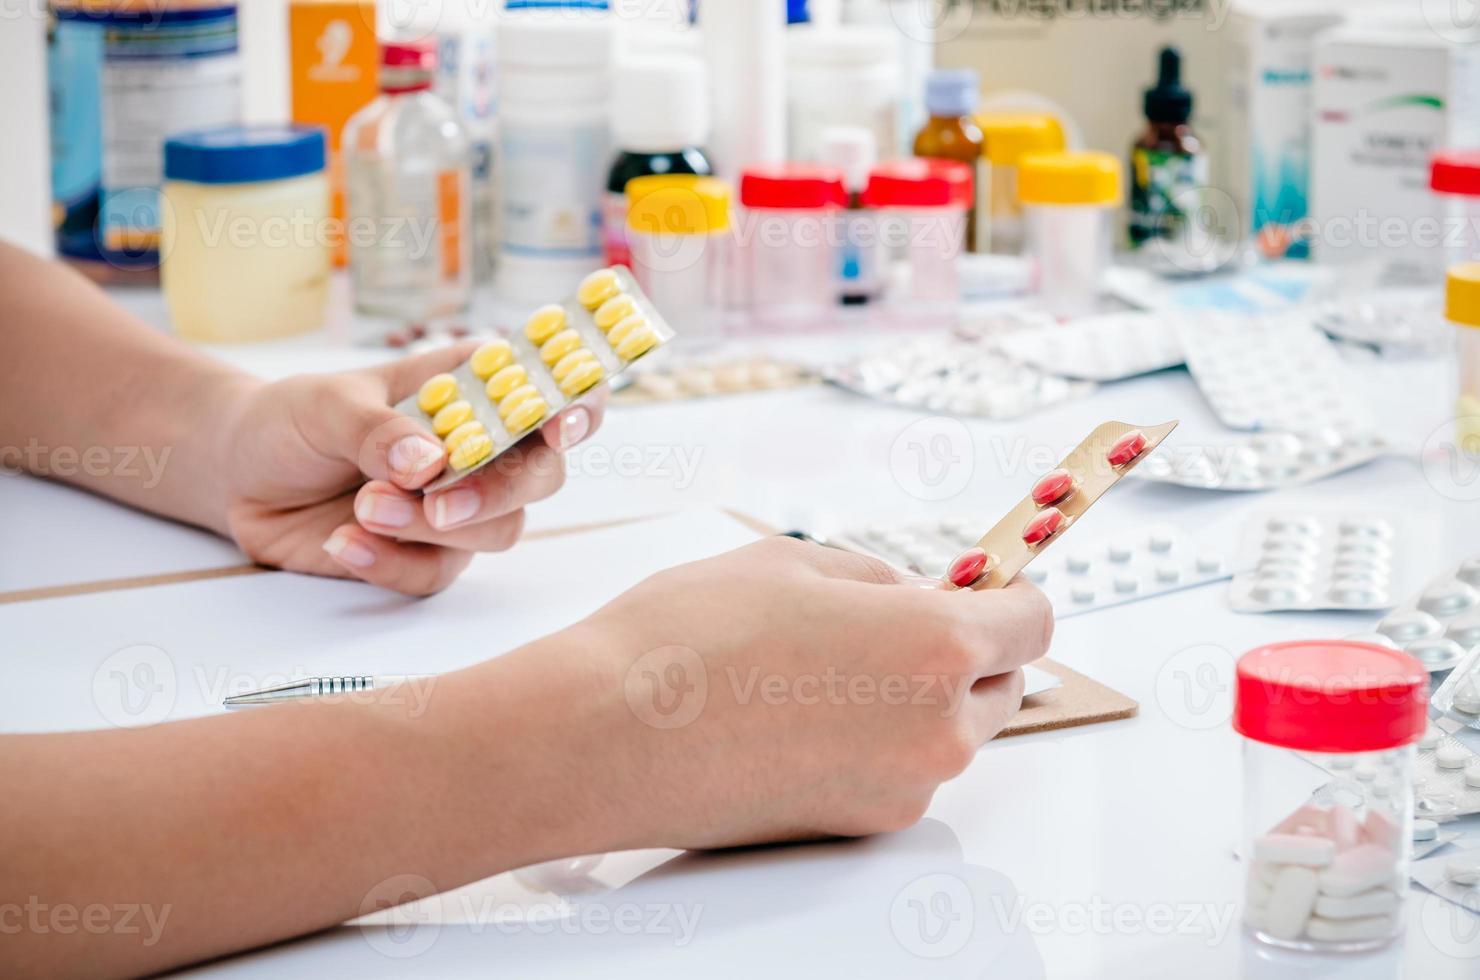 medicin recept foto